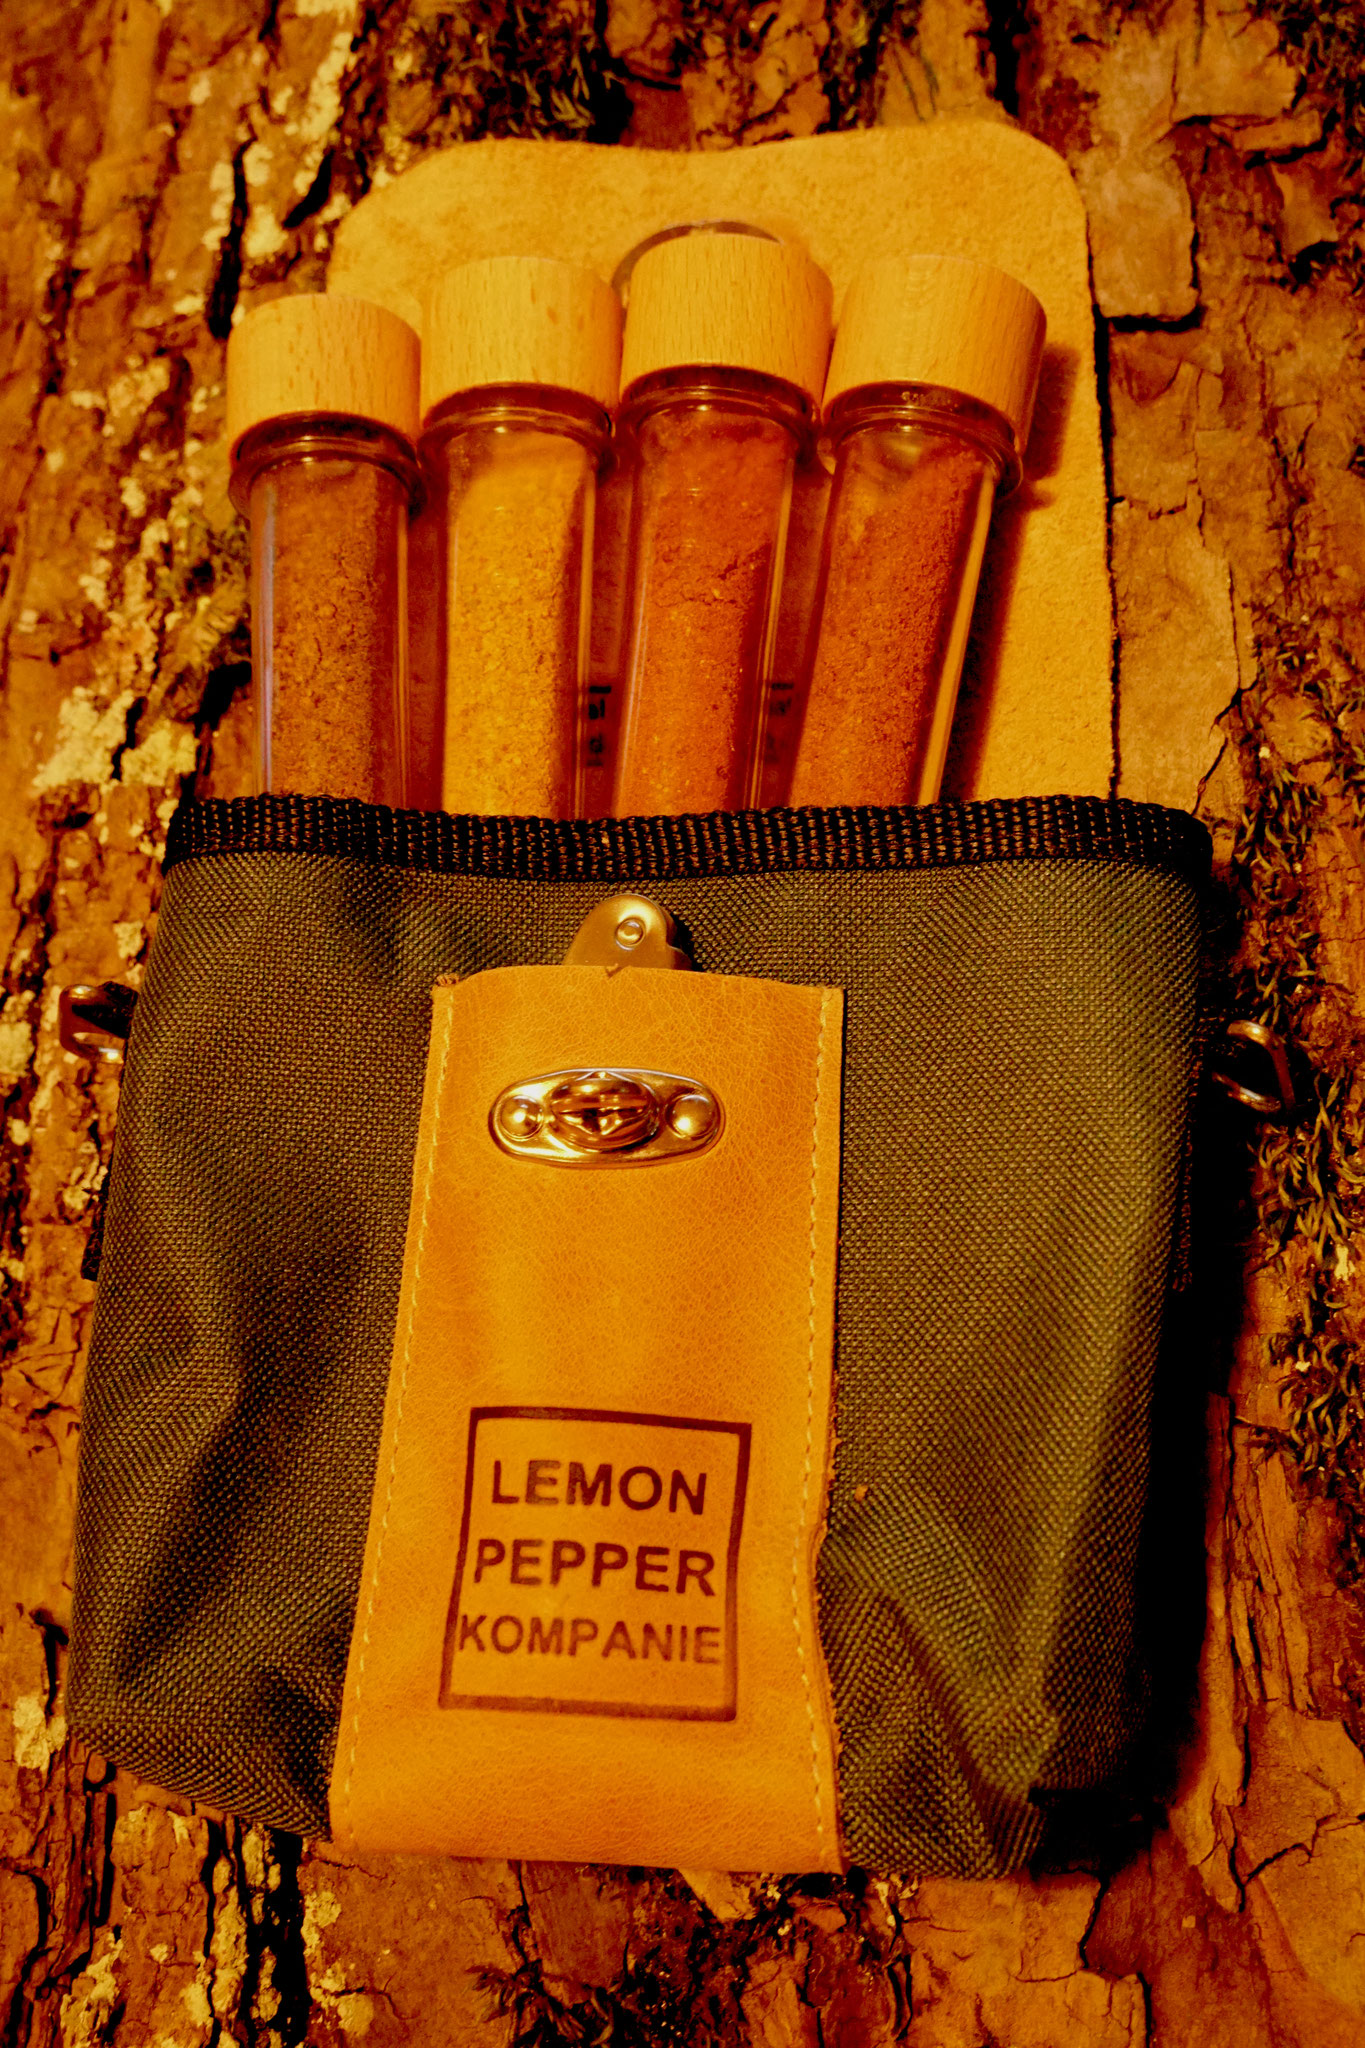 Vier exklusive, natürliche  Grillgewürze aus Südafrika - exklusiv gemischt in Durban/Südafrika für die Lemon Pepper Kompanie